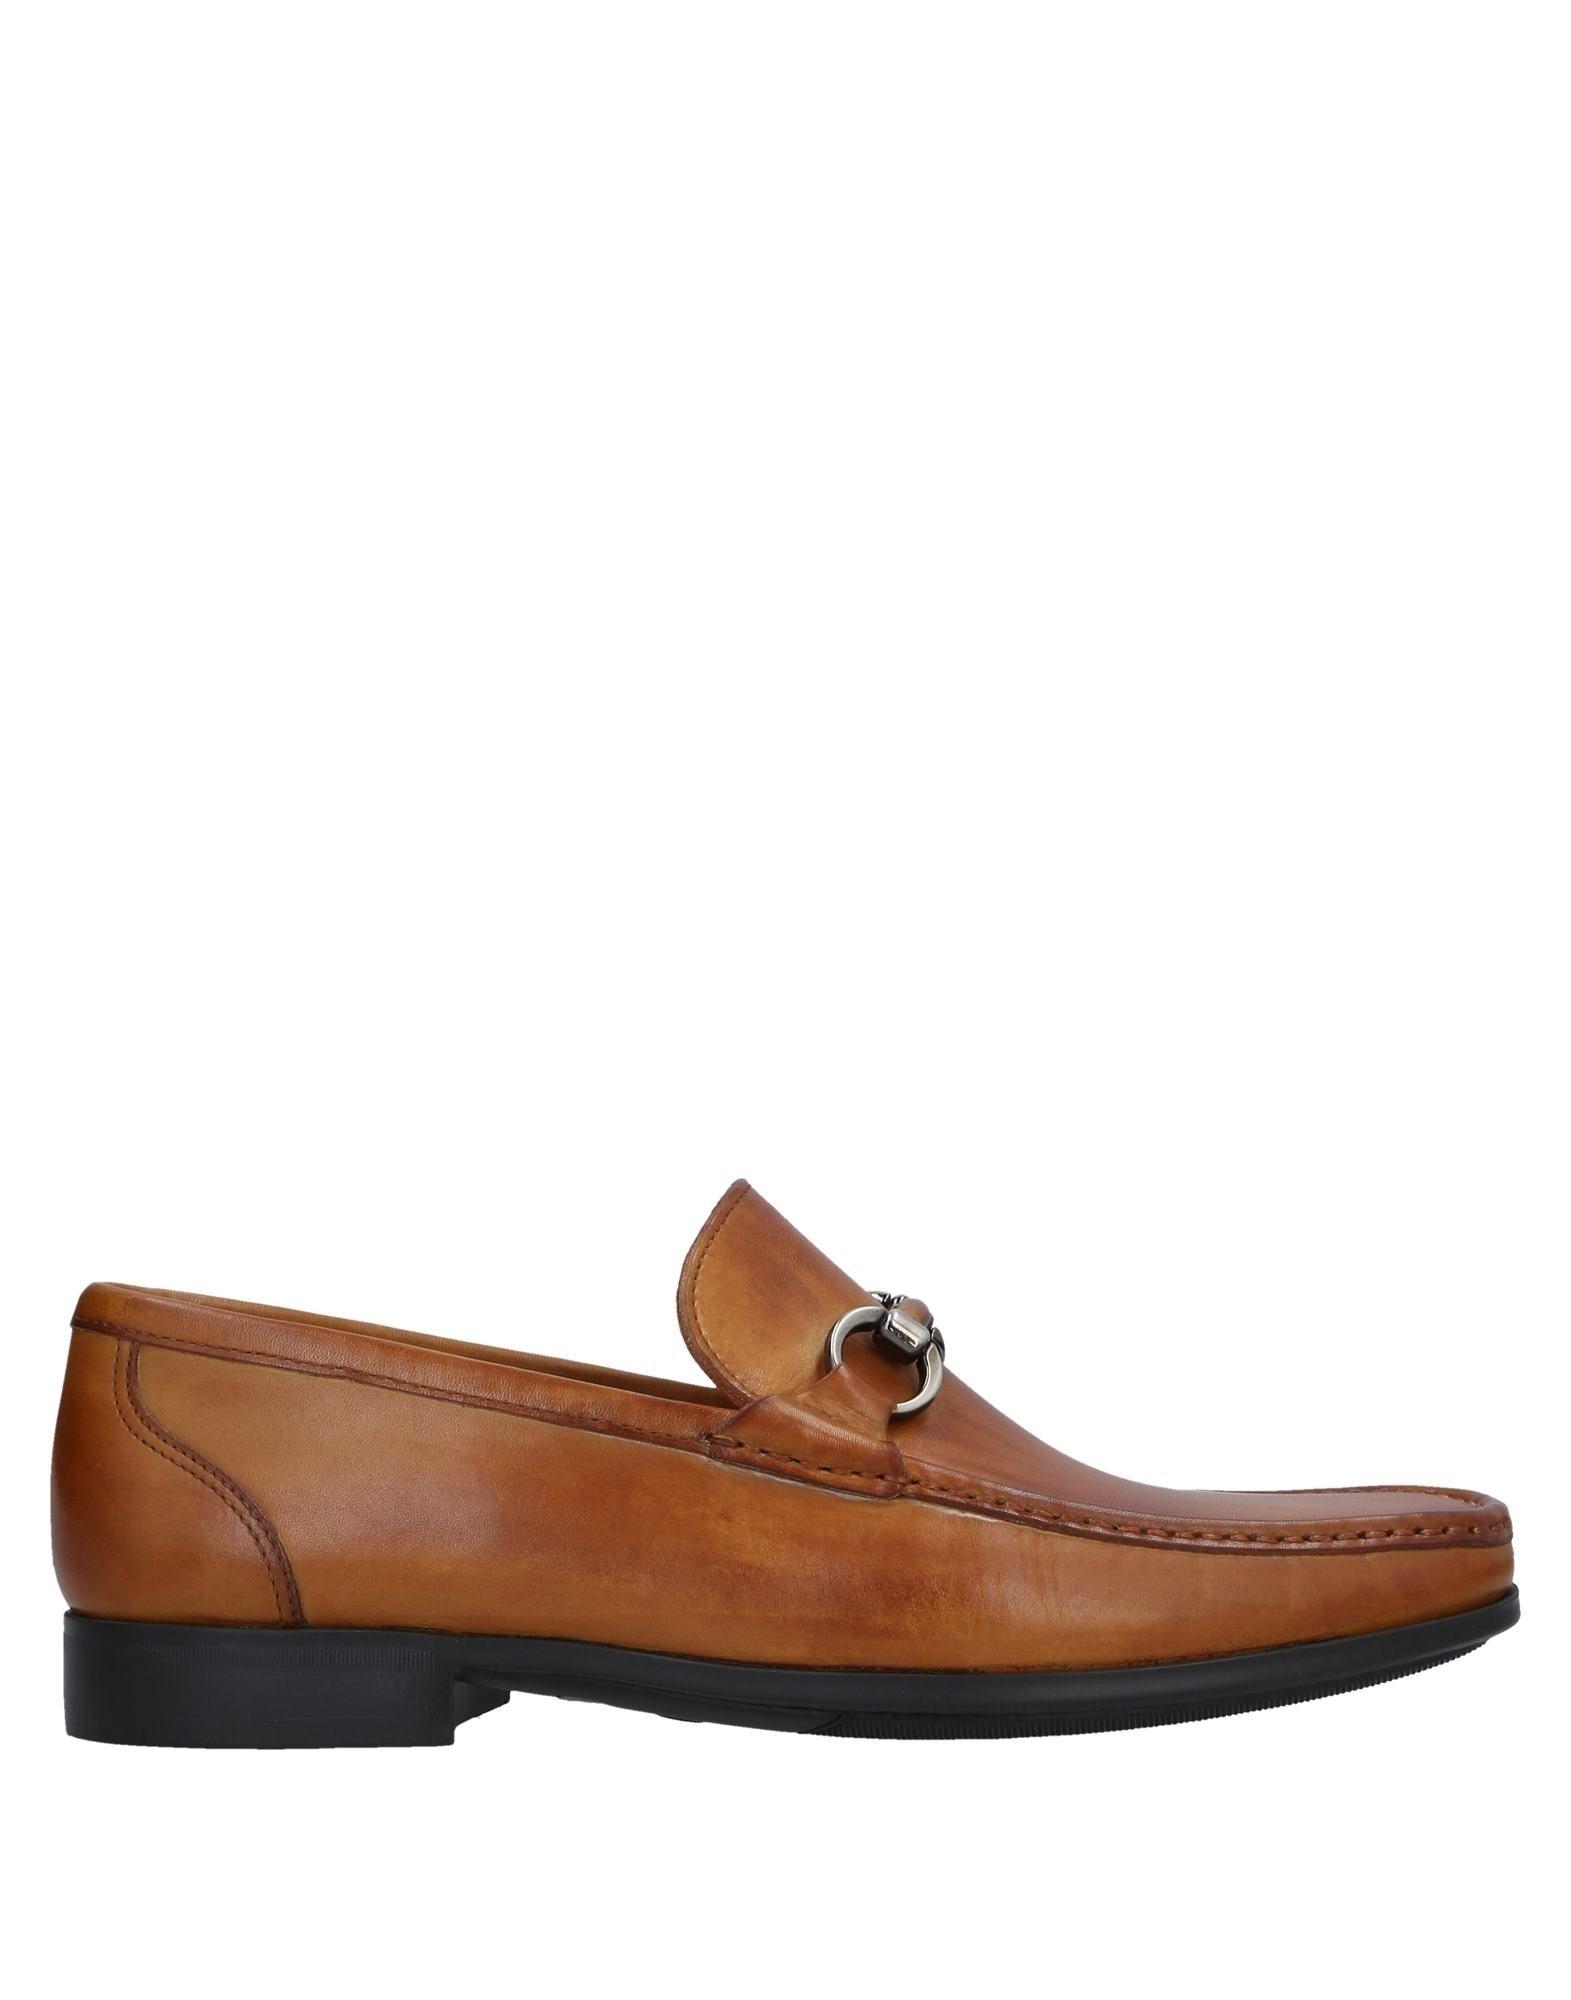 Magnanni Mokassins Herren  11534527FU Gute Qualität beliebte Schuhe